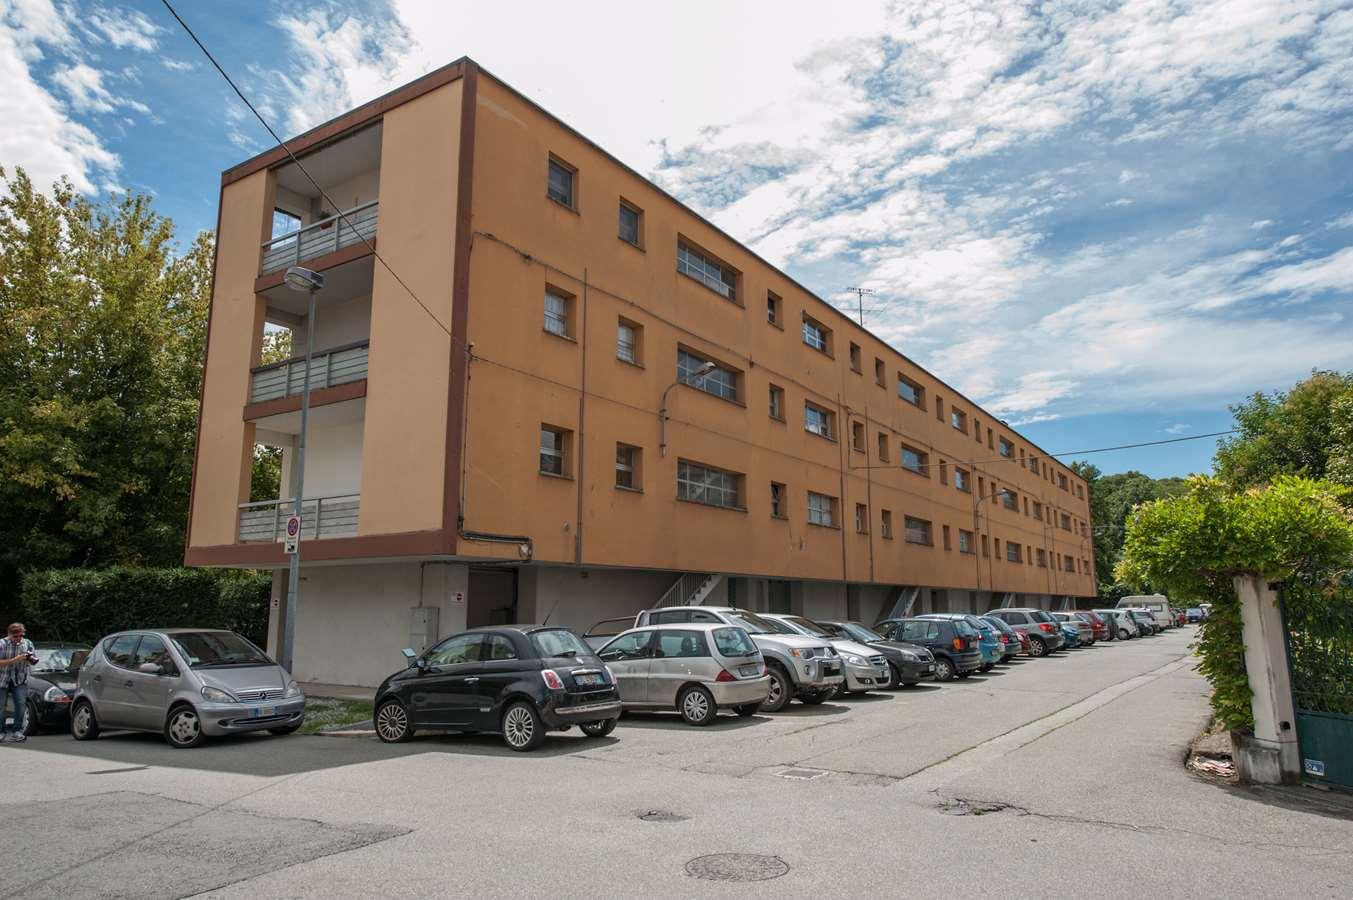 Casa Popolare di Borgo Olivetti